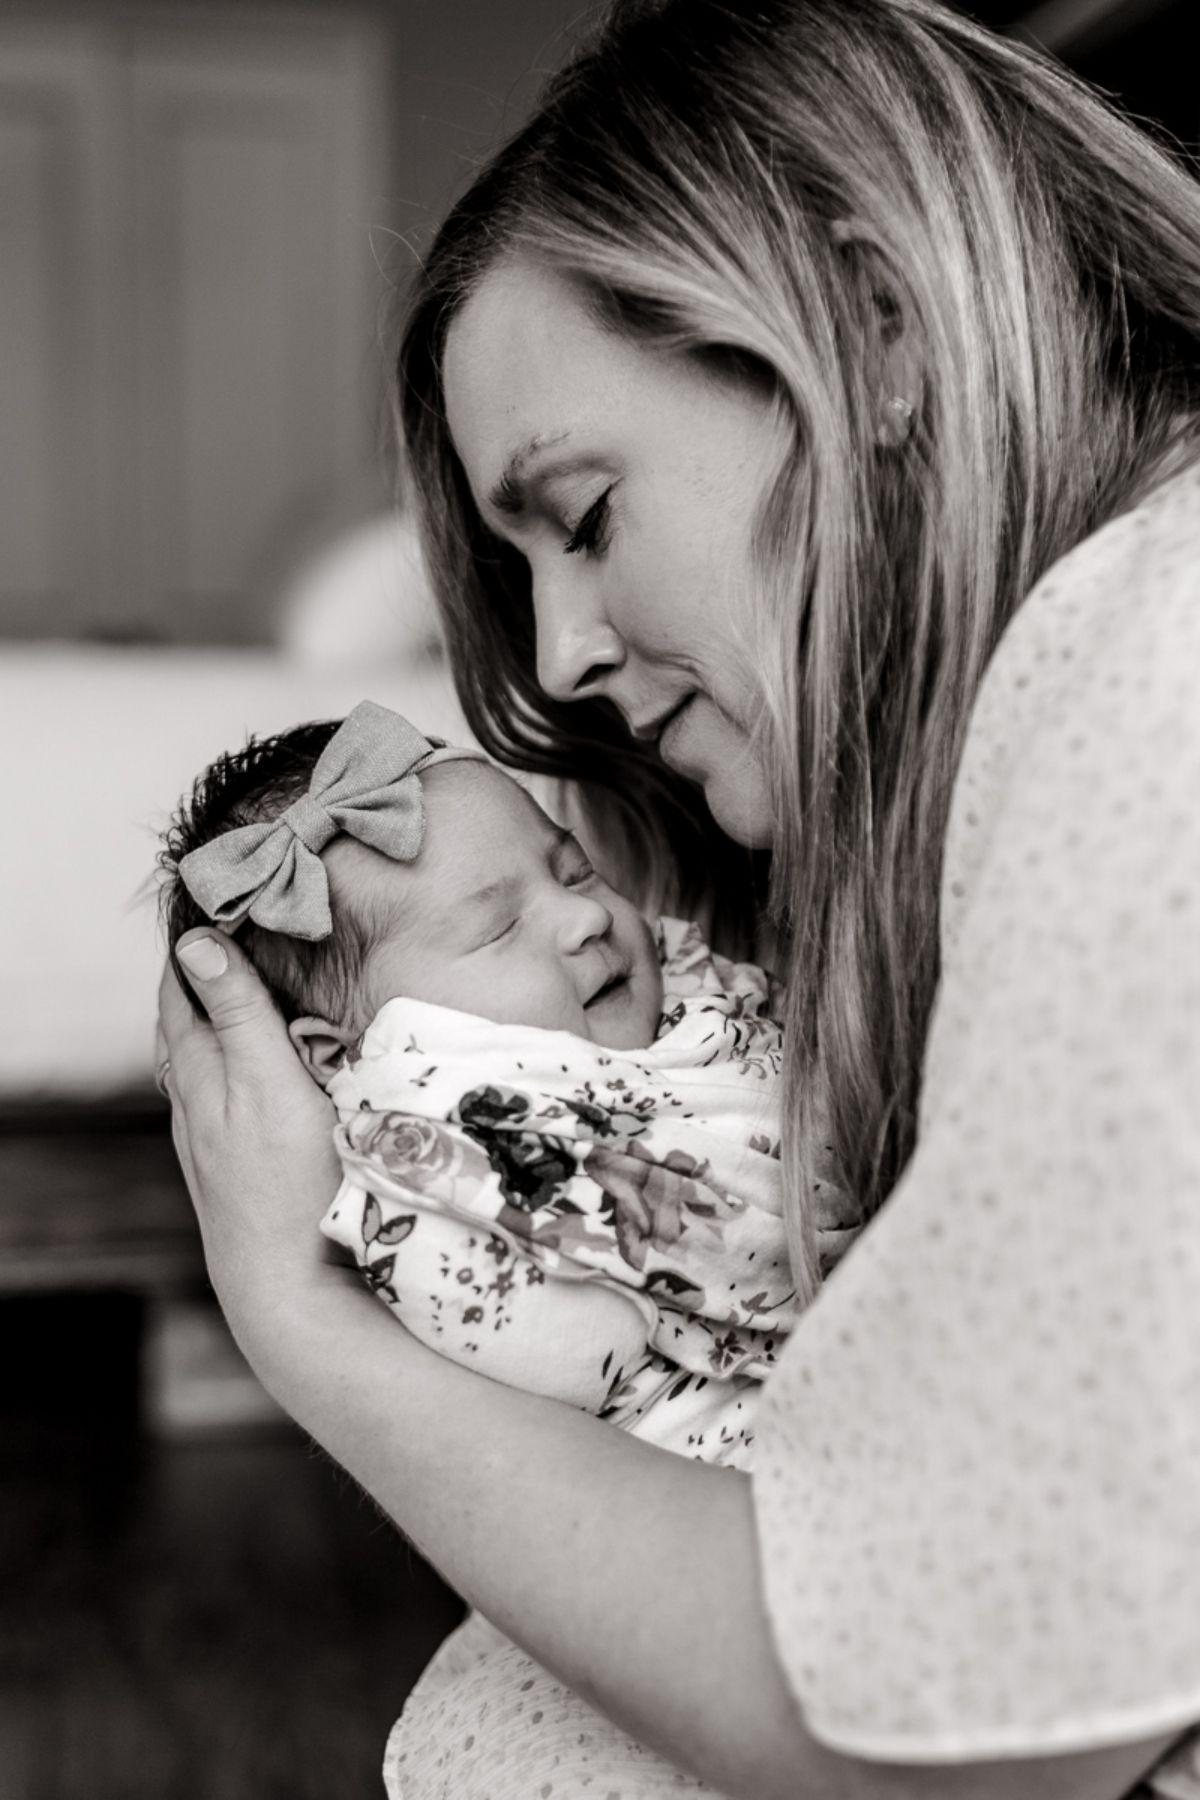 ennis-newborn-photographer-kaitlyn-bullard-charlotte-lifestyle-newborn-11.jpg